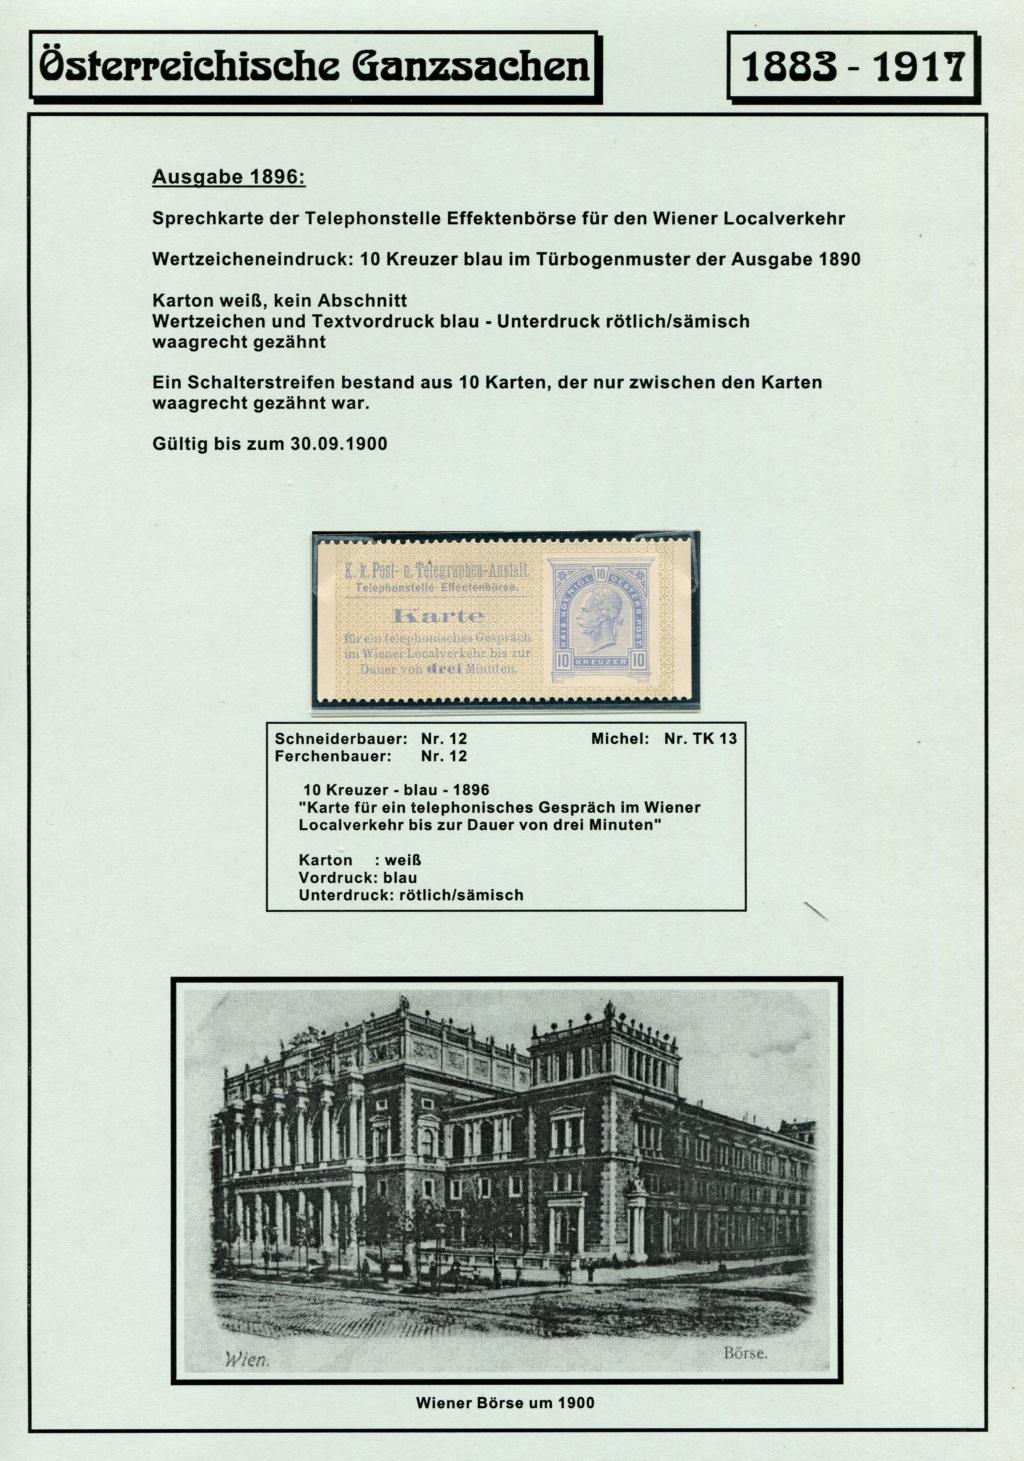 Österreichische Telephon-Sprechkarten - 1883 - 1917 Tel_ka29